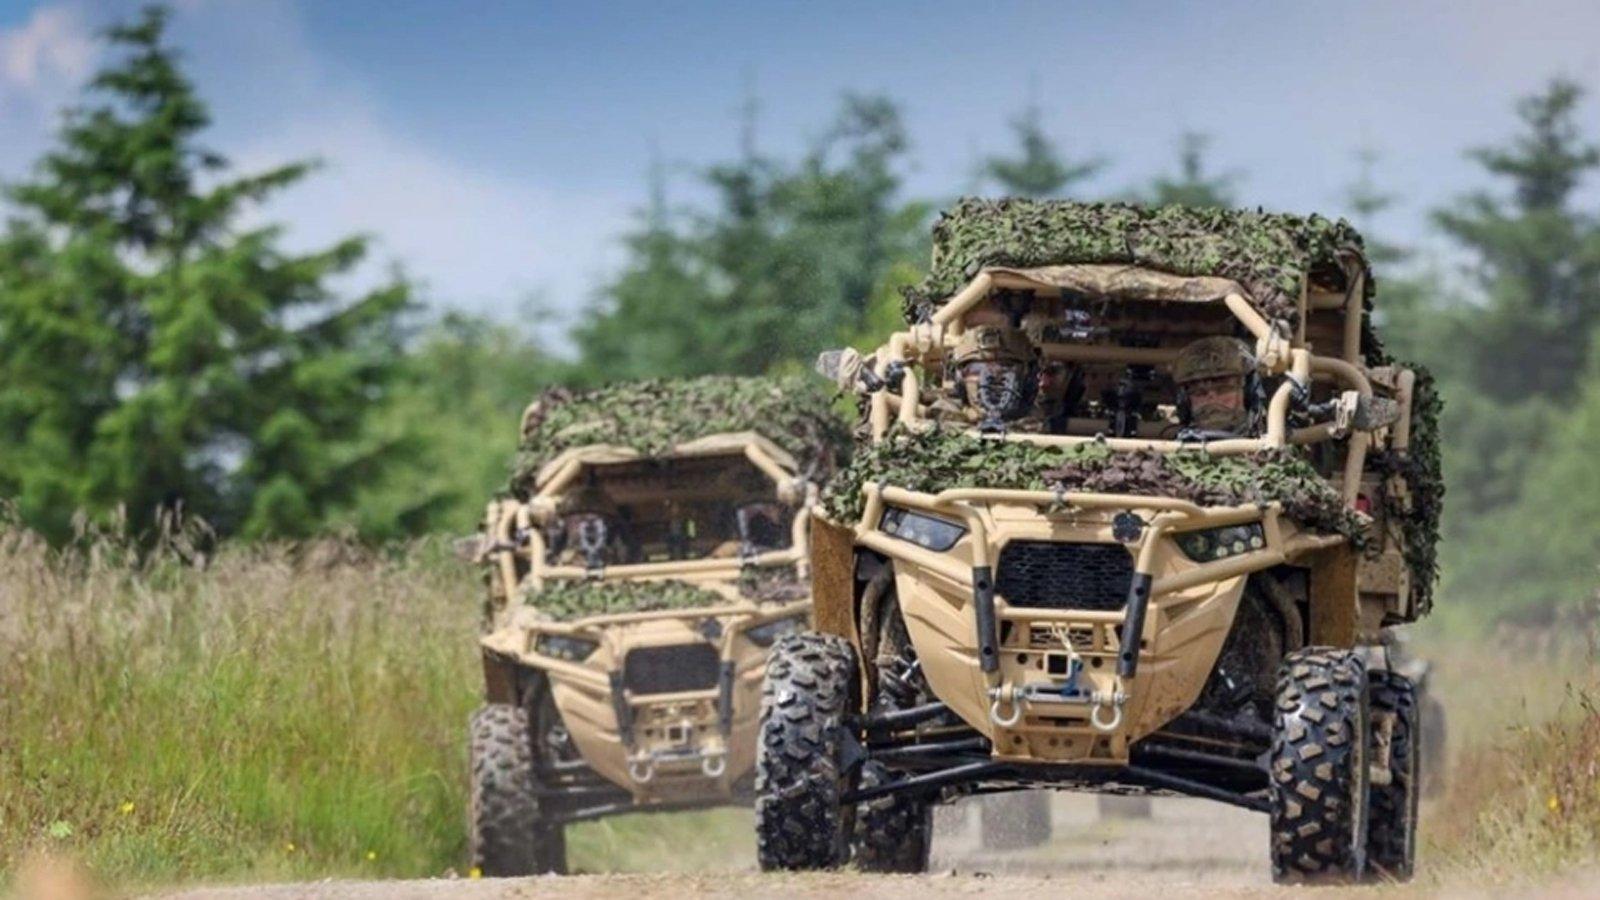 Οι βρετανοί κομάντος δοκιμάζουν τα ATV της Polaris